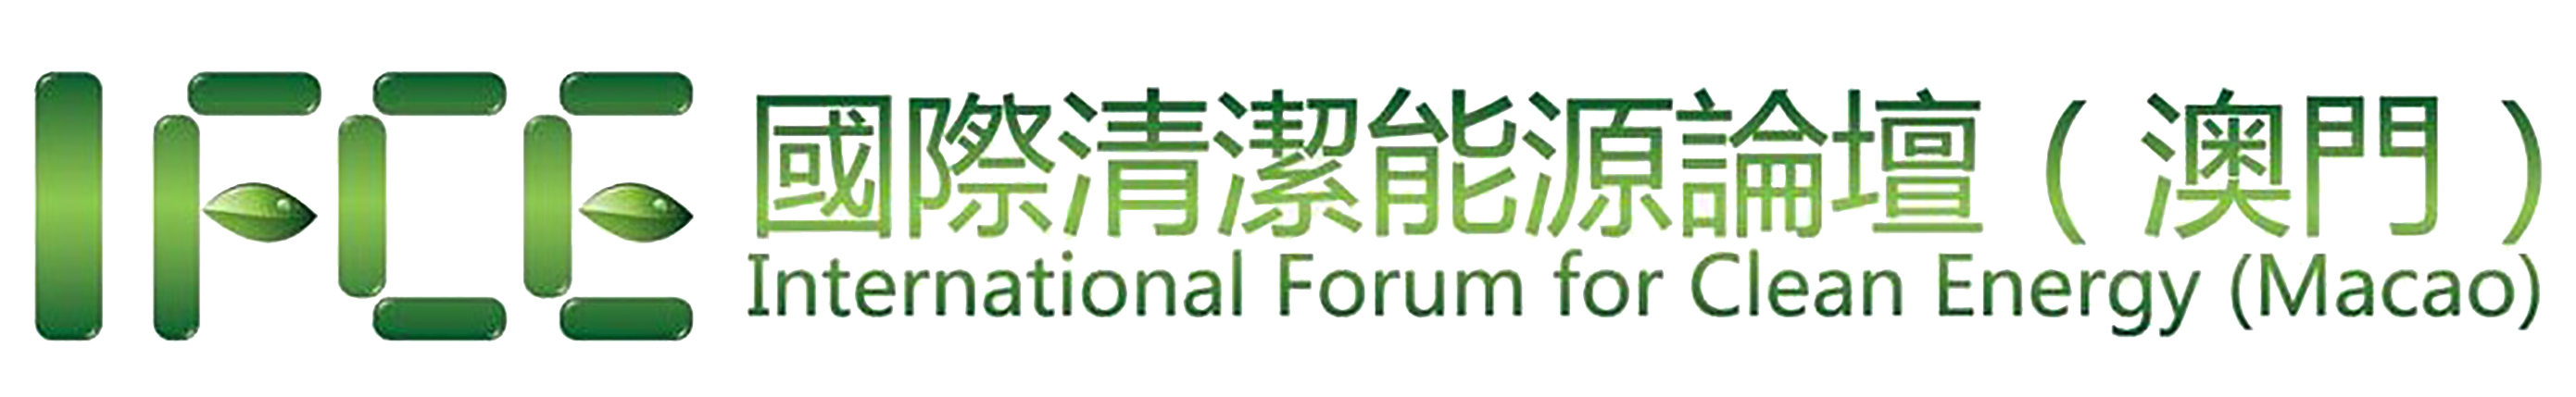 国际清洁能源论坛-澳门长版logo-透明背景